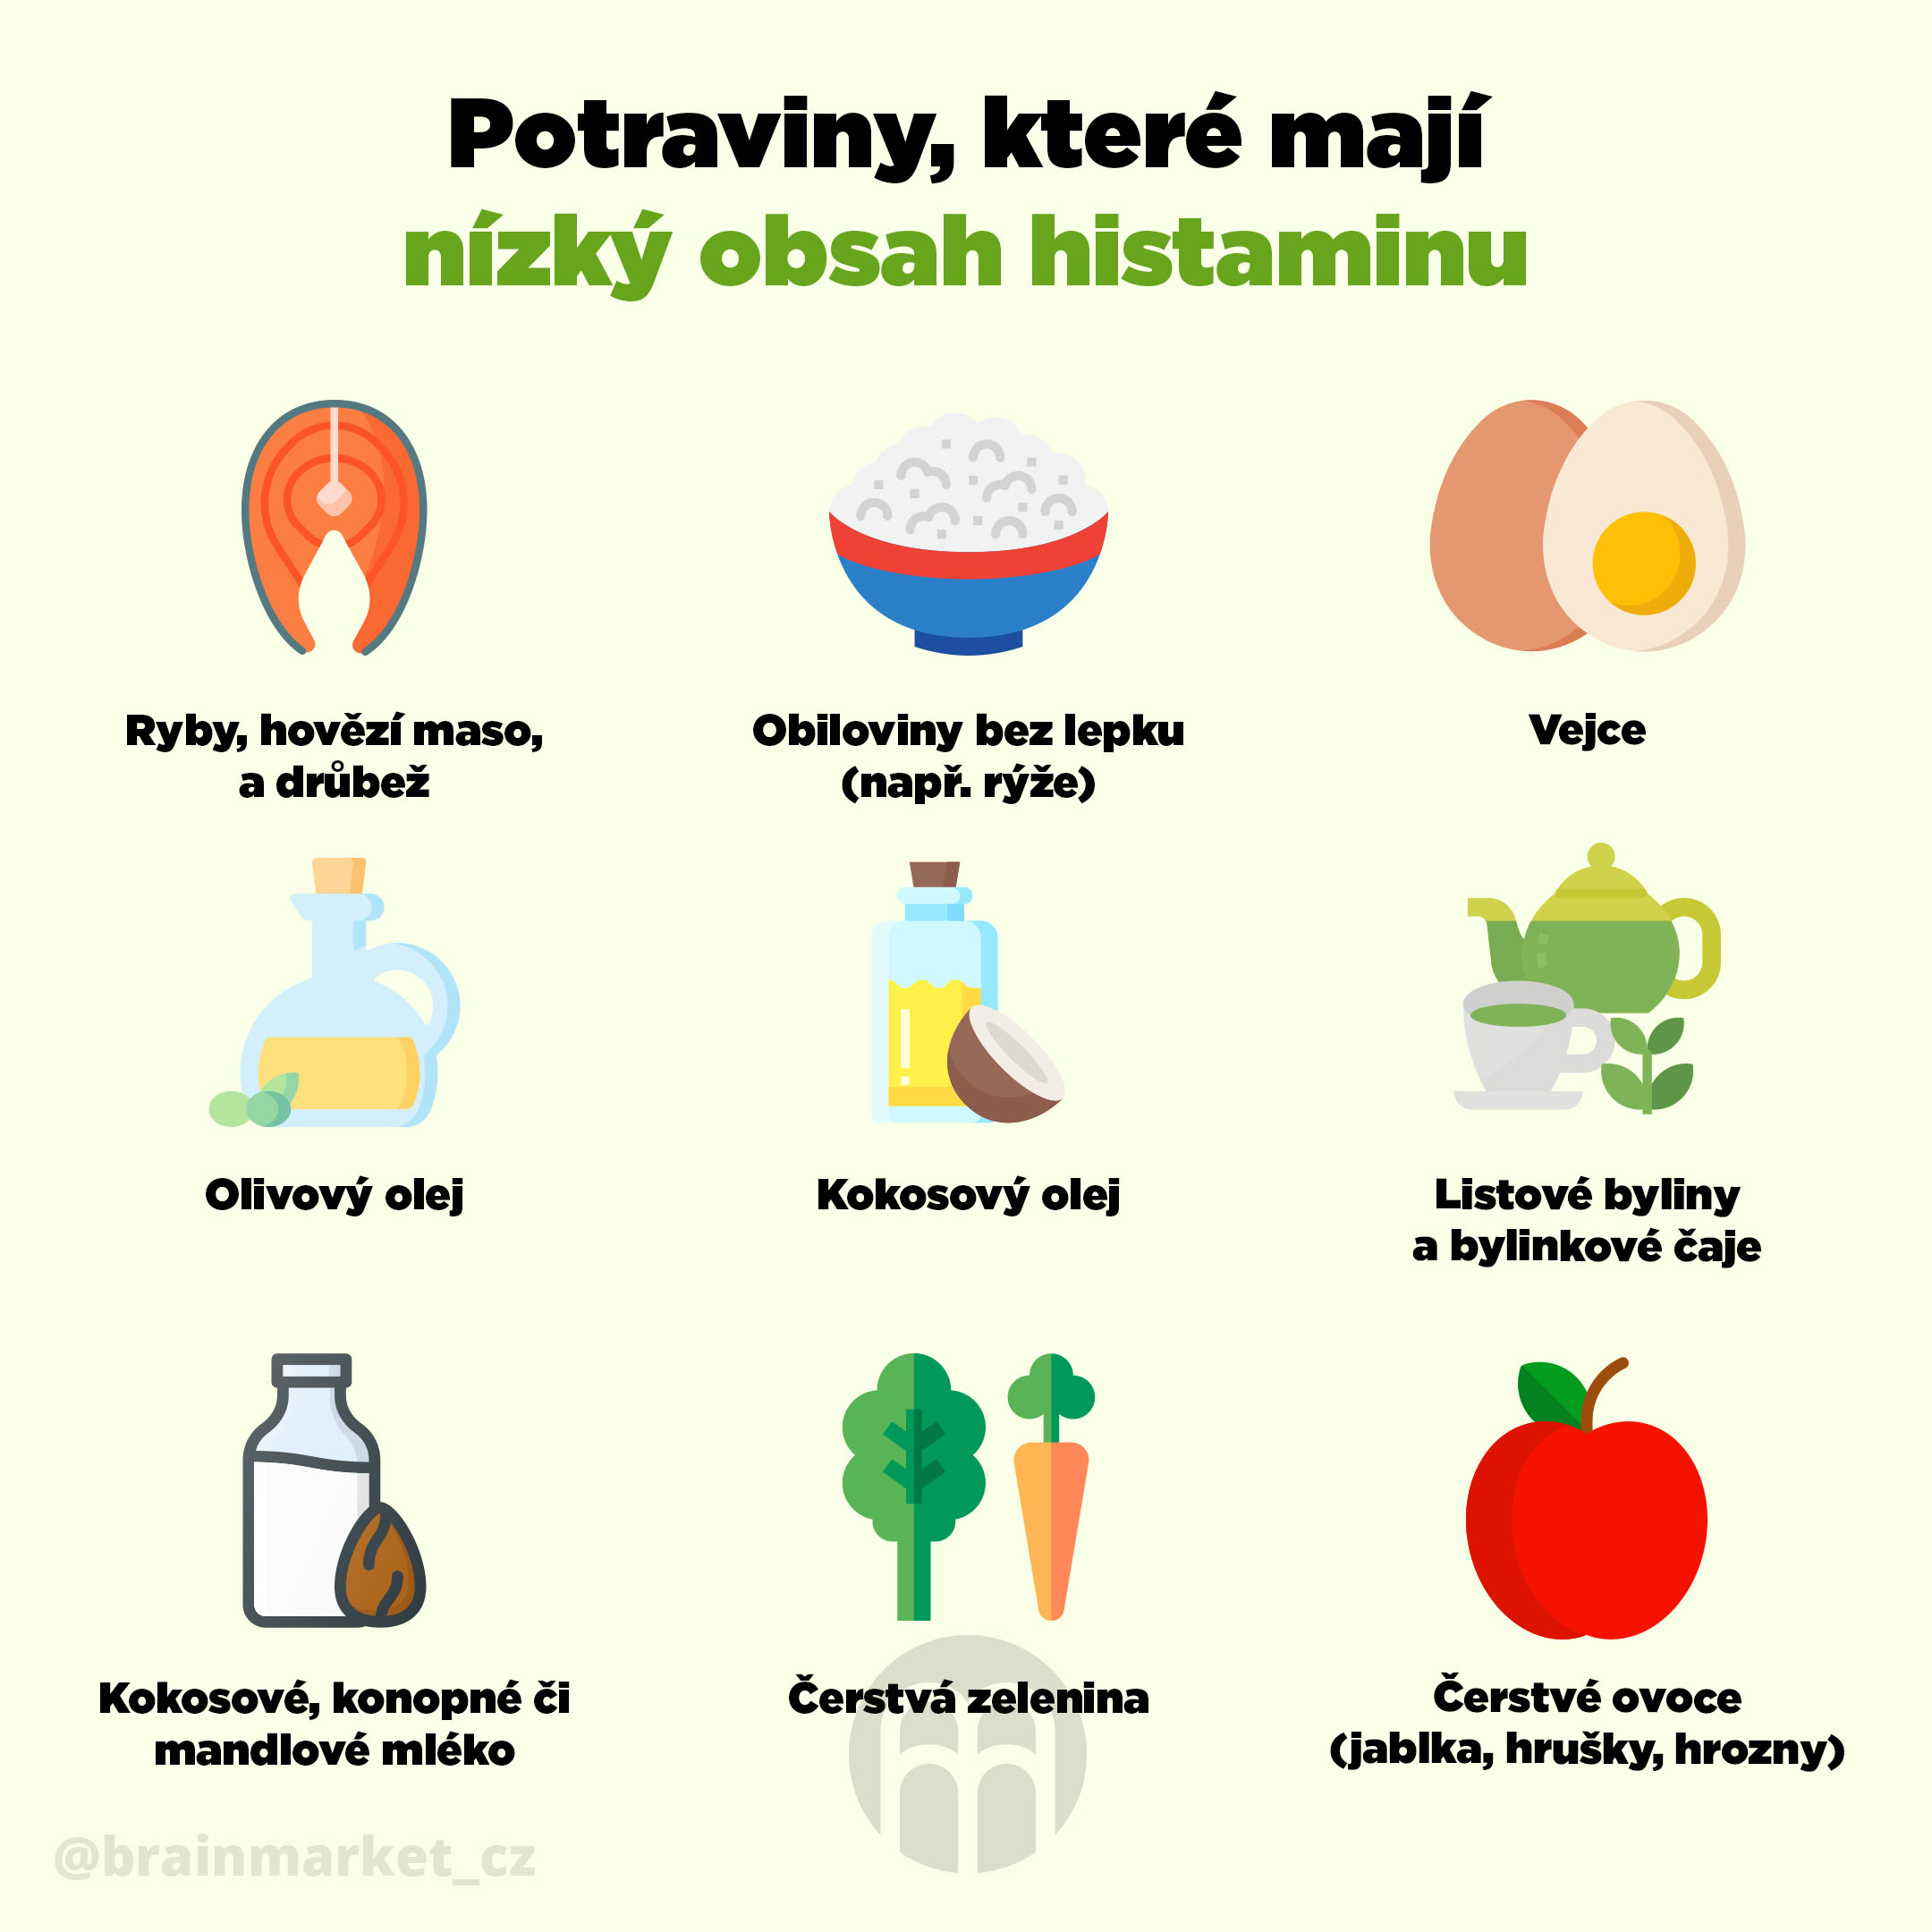 potraviny_nizky_obsah_histaminu_Infografika-BrainMarket_CZ